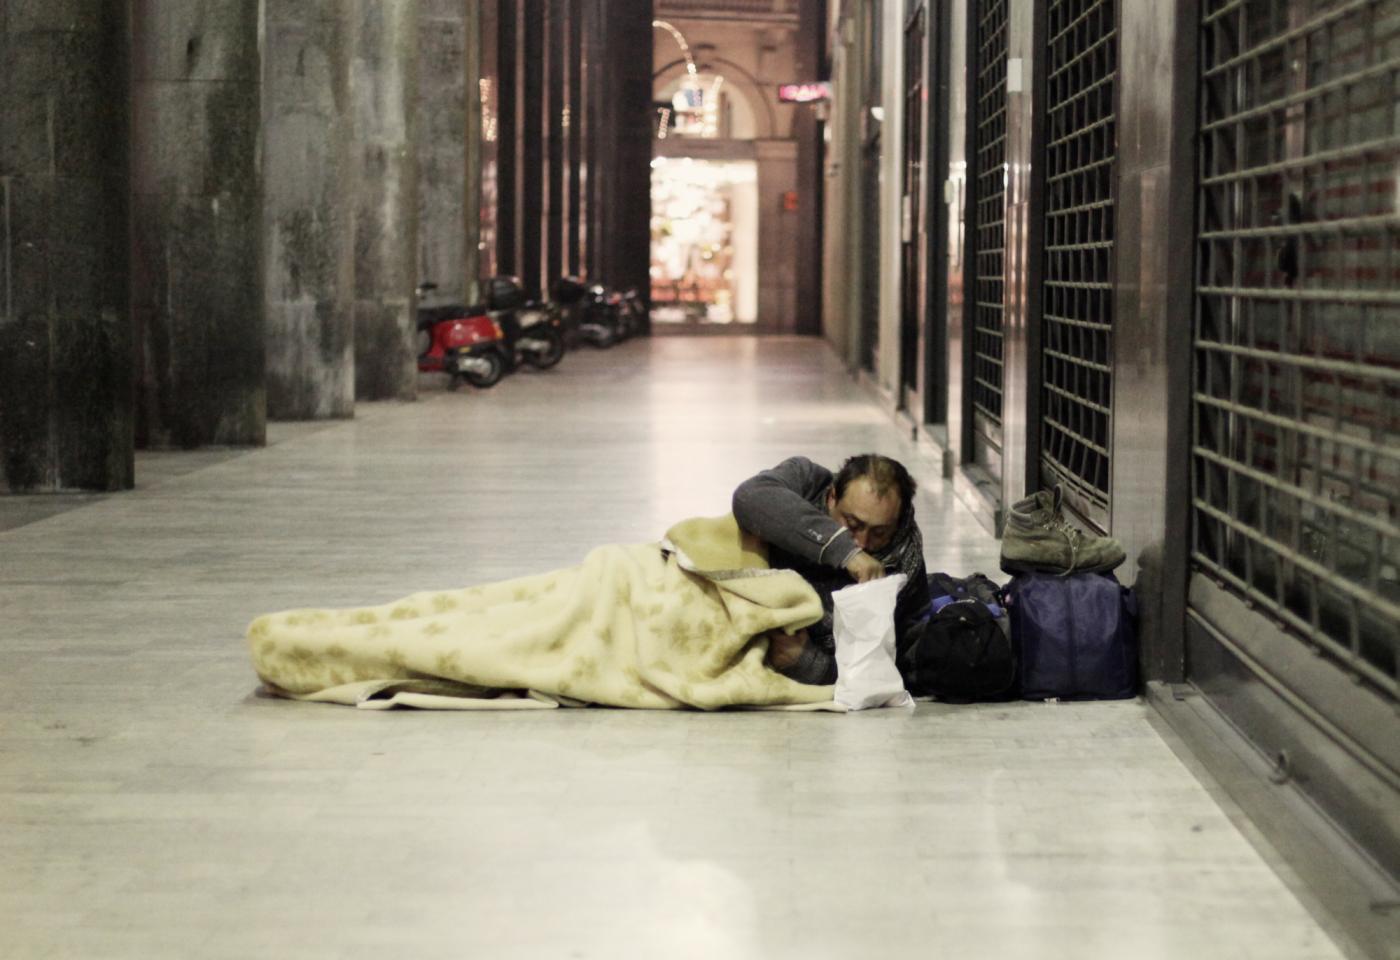 A Milano il Comune cerca famiglie per ospitare sfrattati e senzatetto a 350 euro al mese